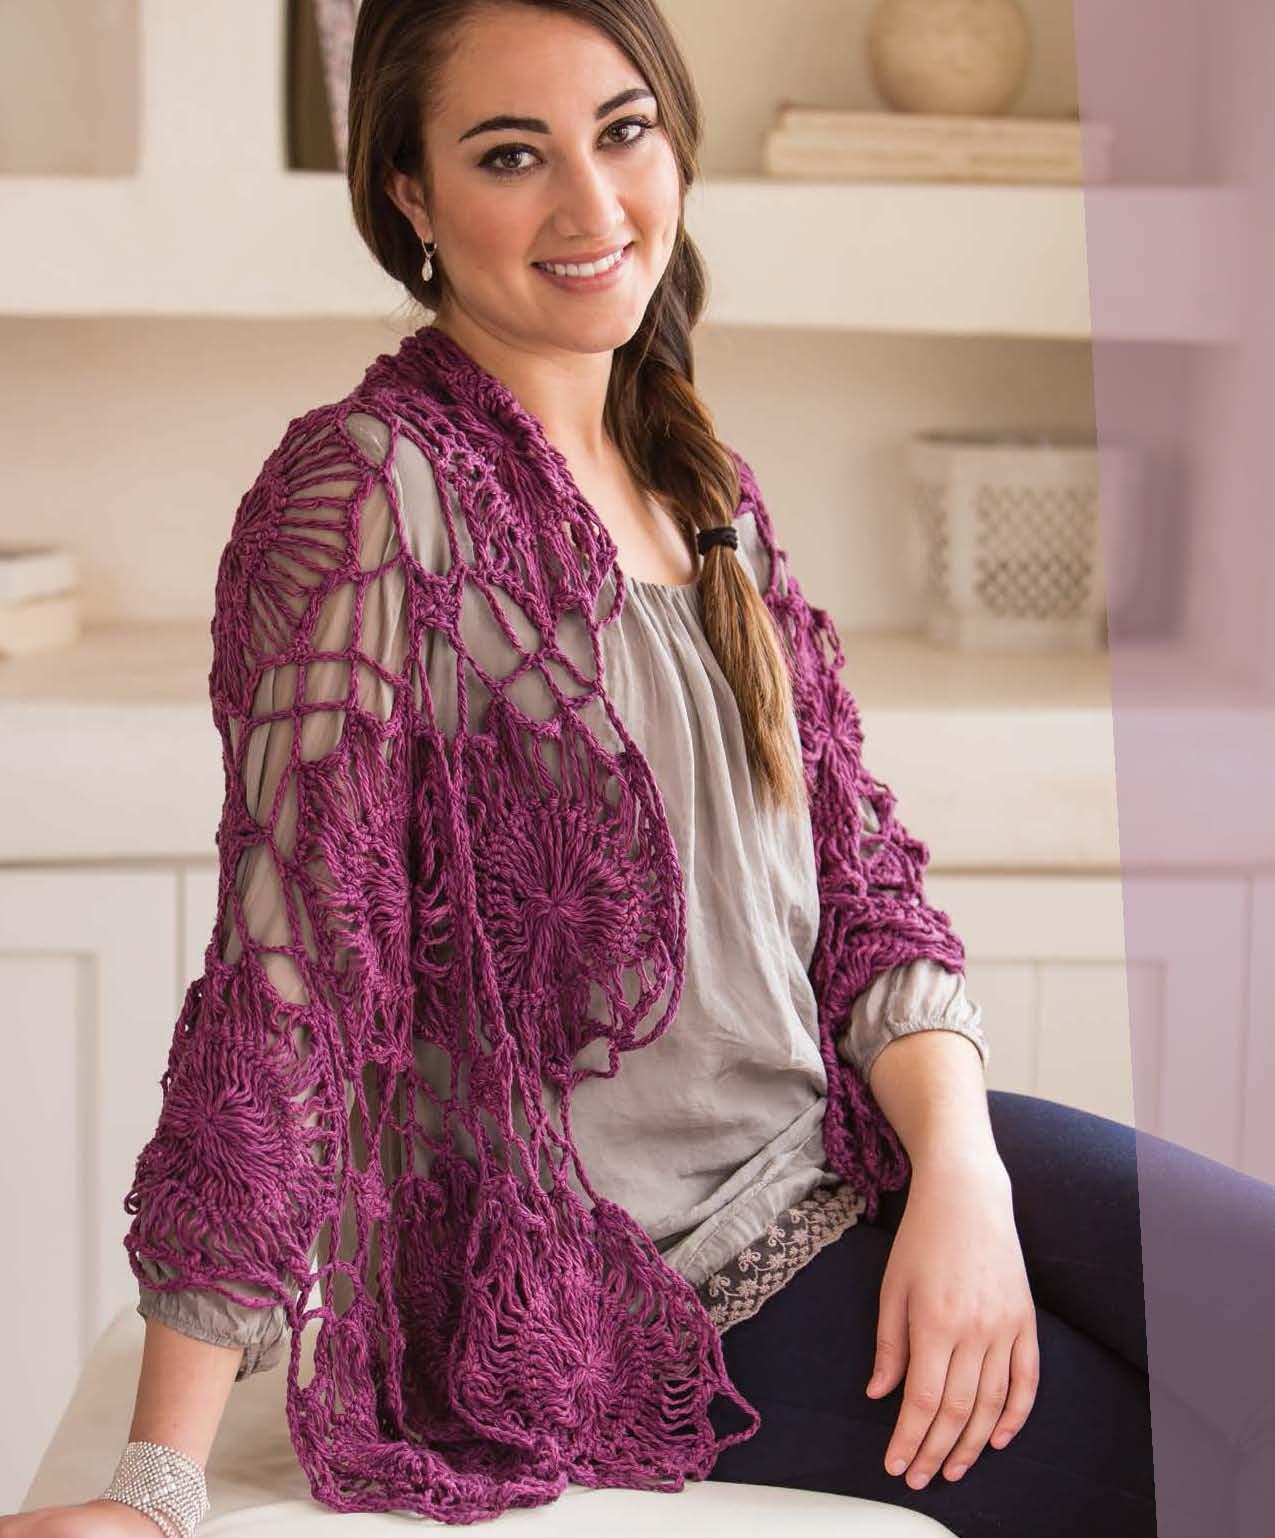 Crochet So Lovely - Passion Flower Wrap beauty shot.jpg